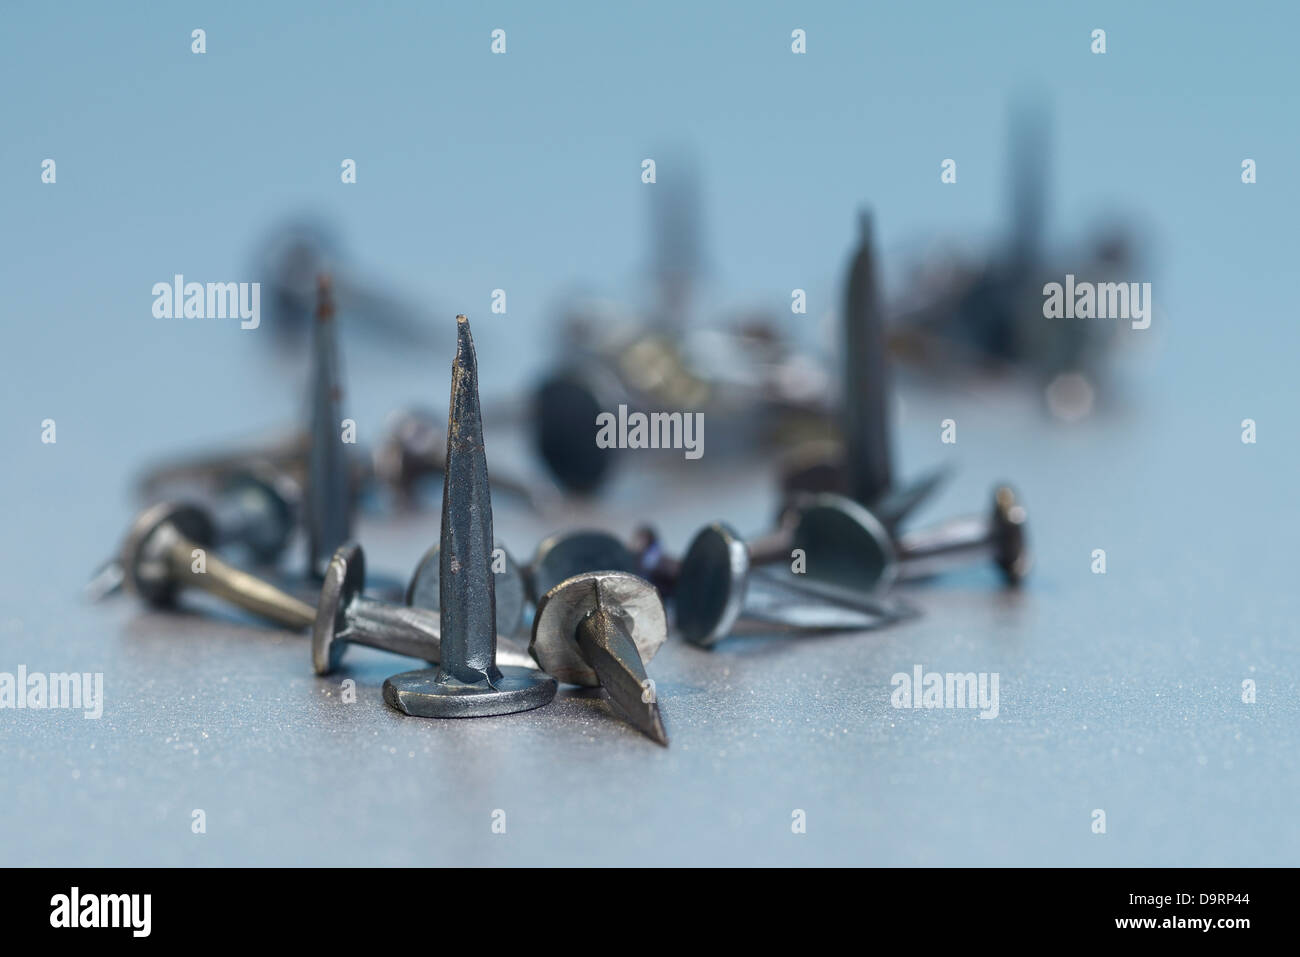 Sharp metal tacks and nails - Stock Image